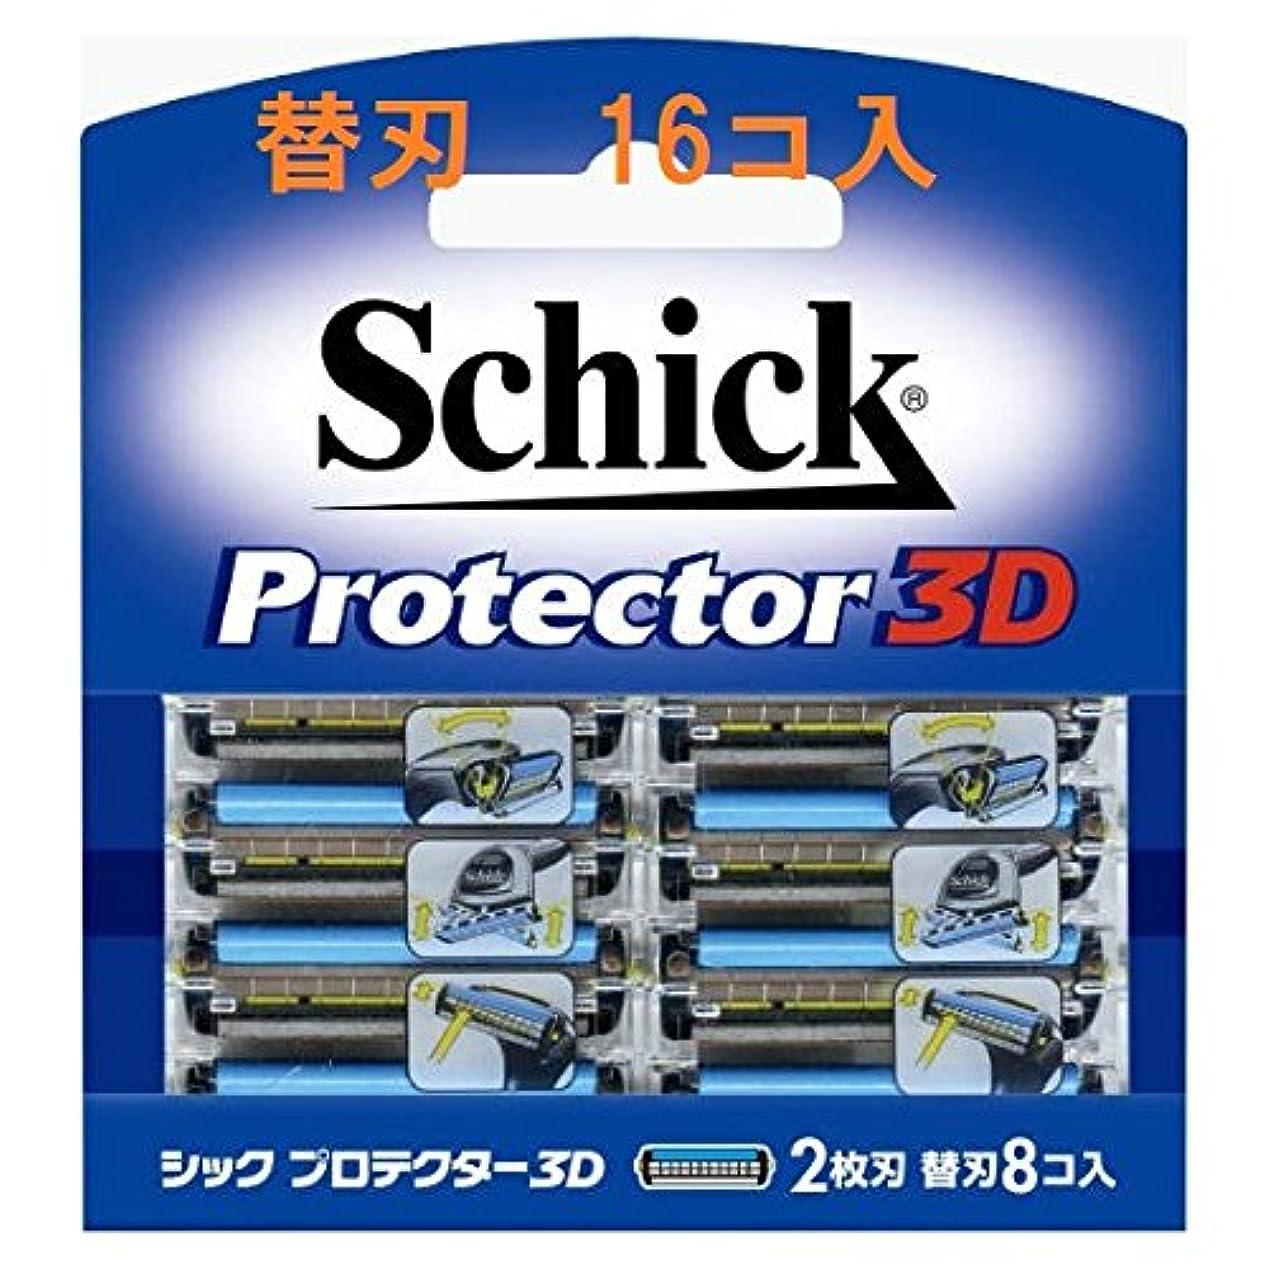 逃げる最初欠点シック プロテクター スリーディー(替刃16コ入) Protector 3D